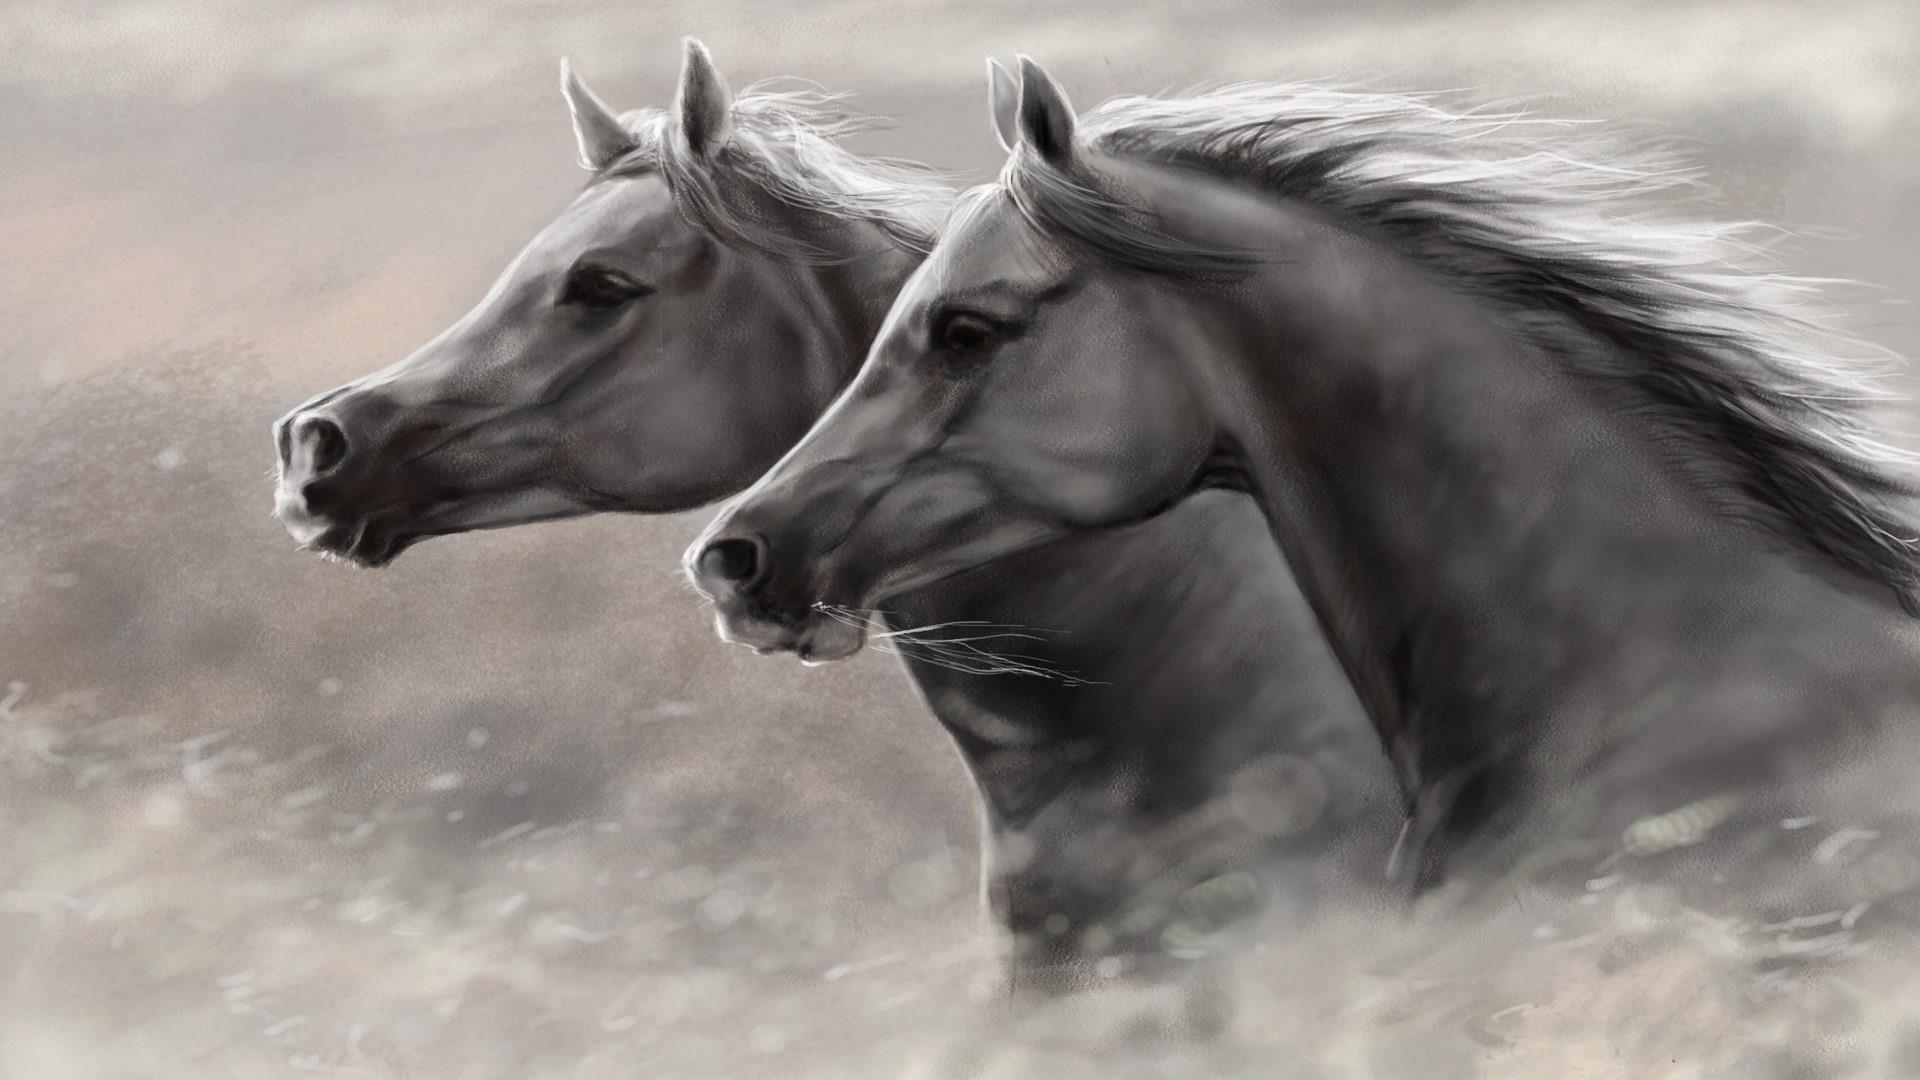 Horse art wallpaper